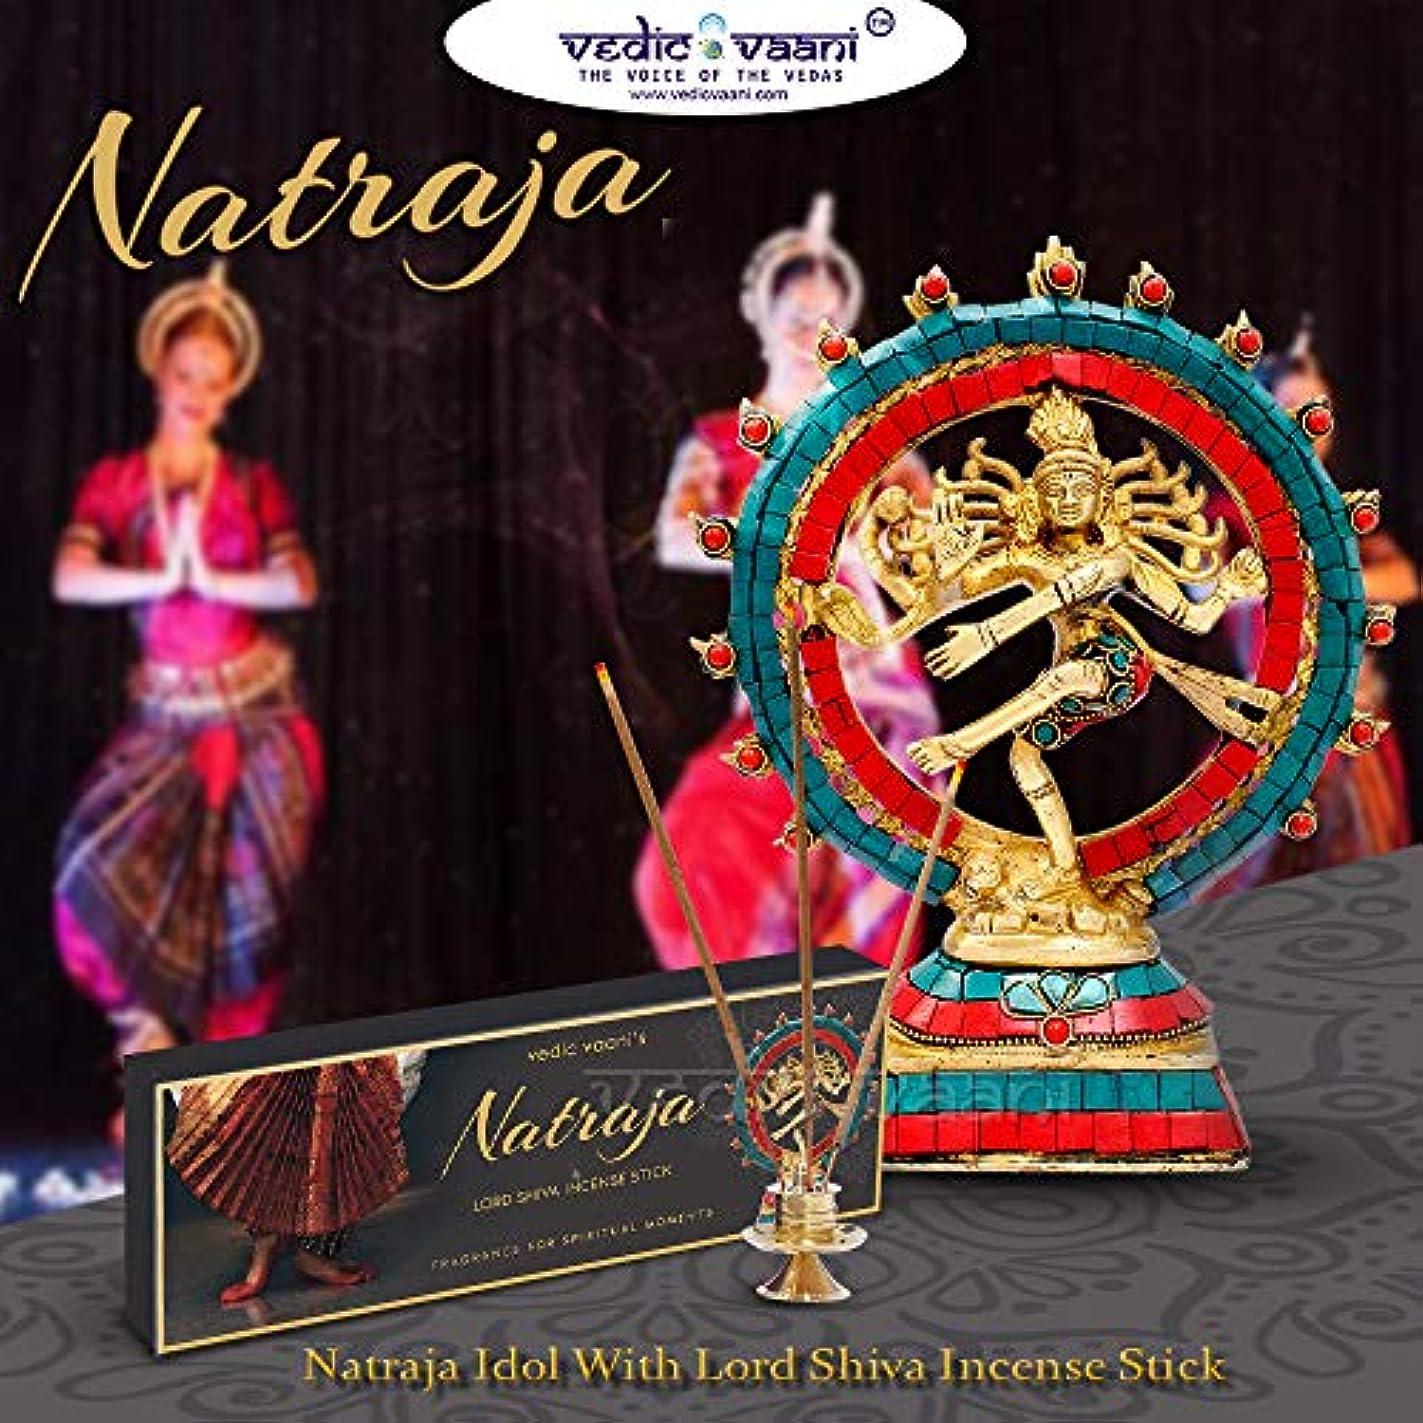 火星拒絶する野菜Vedic Vaani Natraj (Lord Shiva) 踊る人形 Natraja お香付き - 100 GM